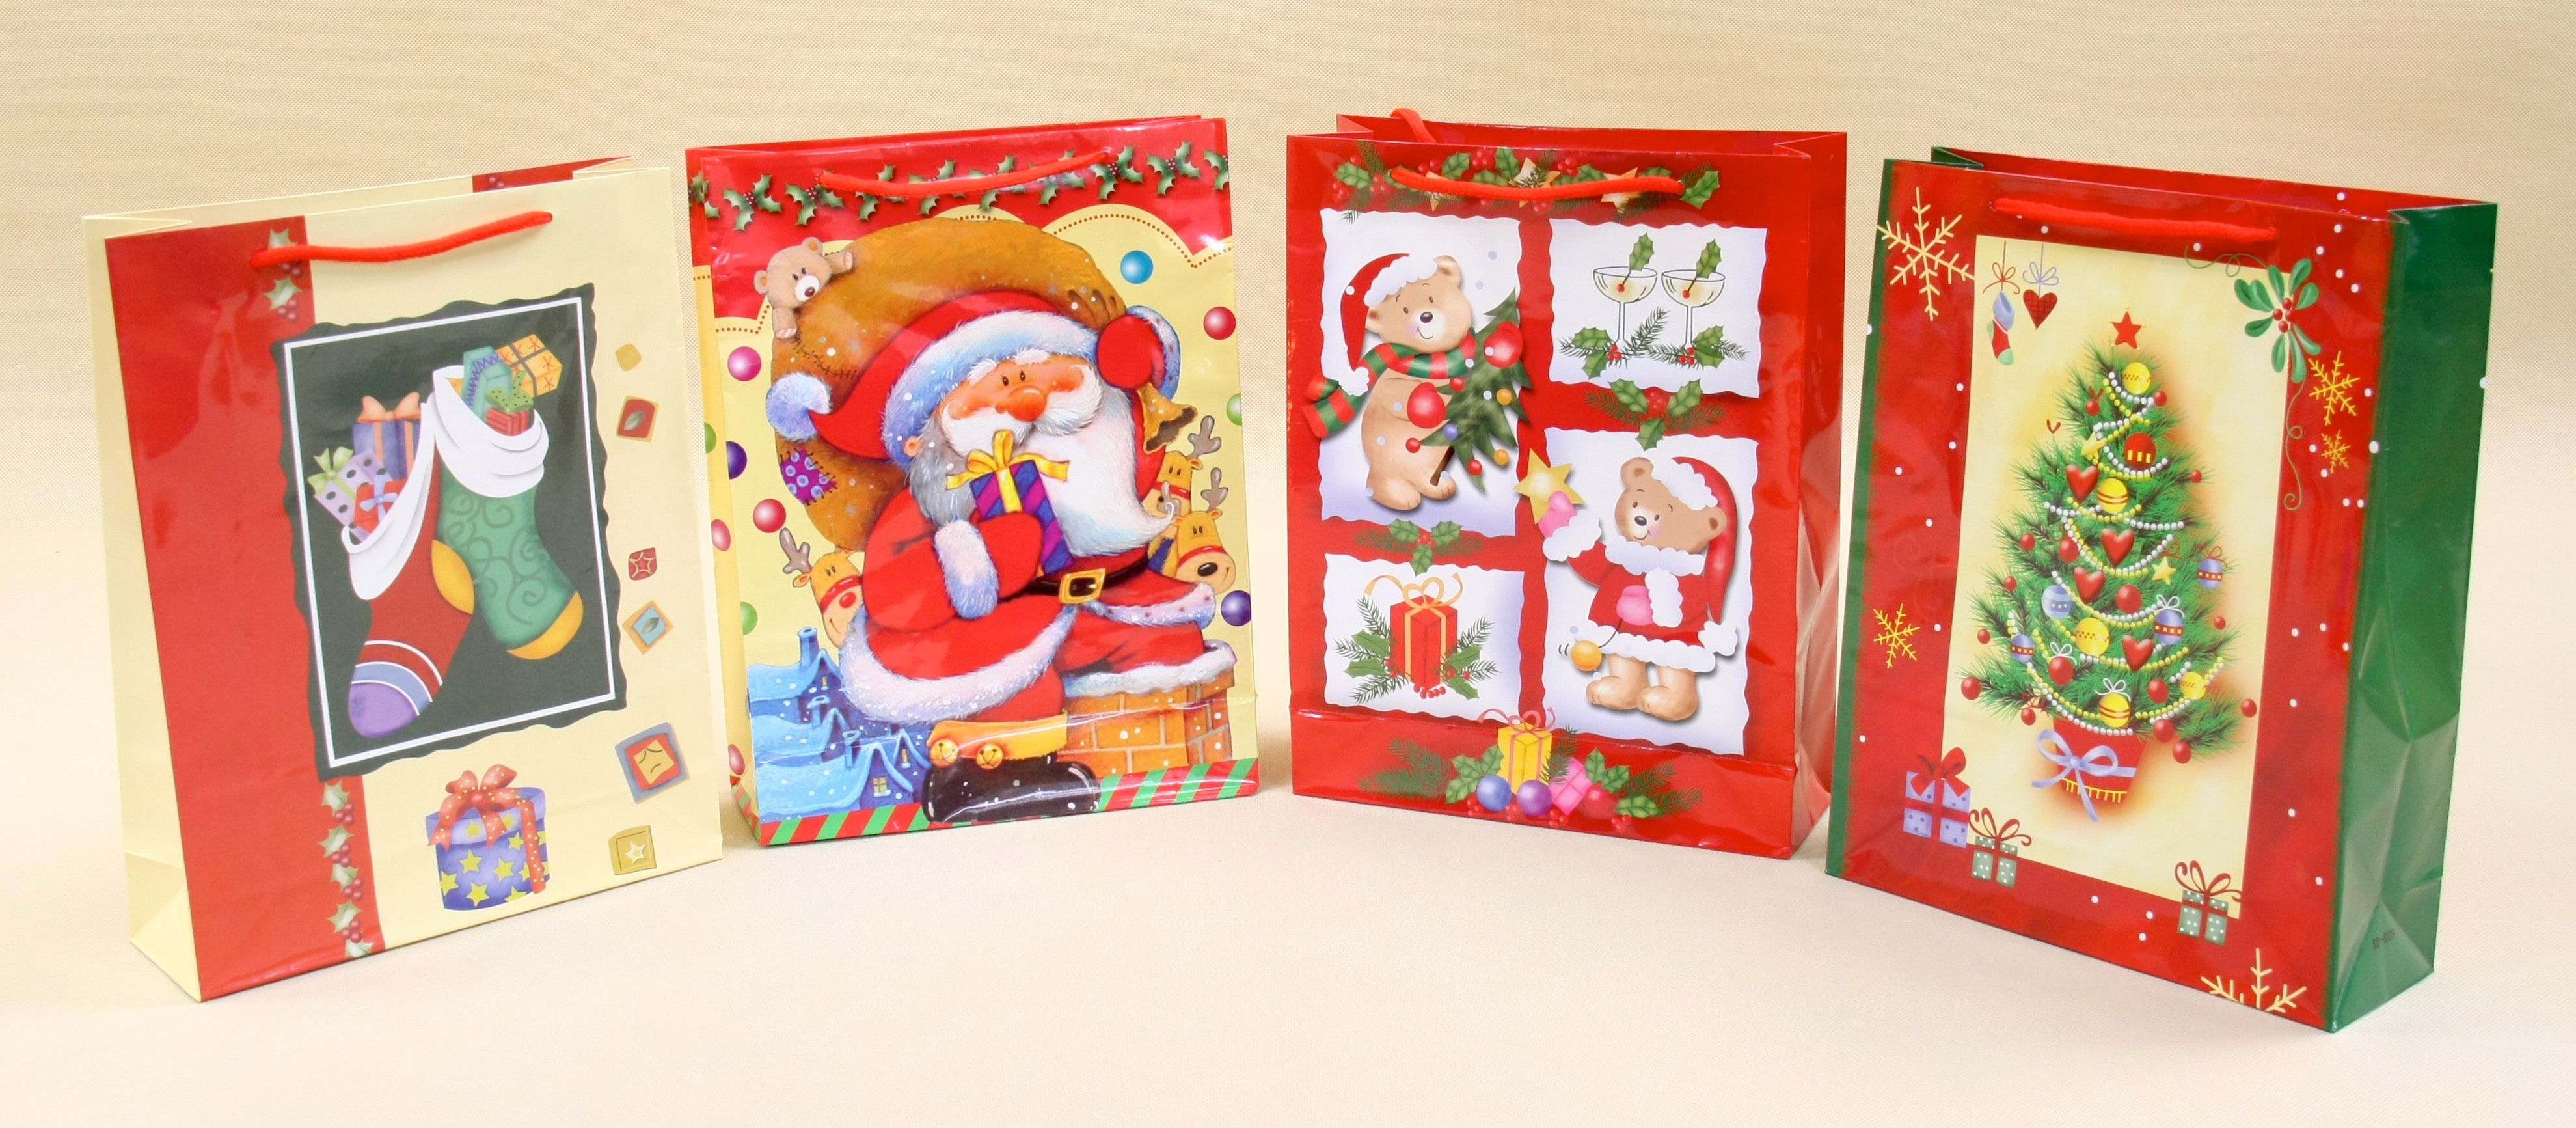 PW Gajowczyk – Opakowania na prezenty Bożonarodzeniowe